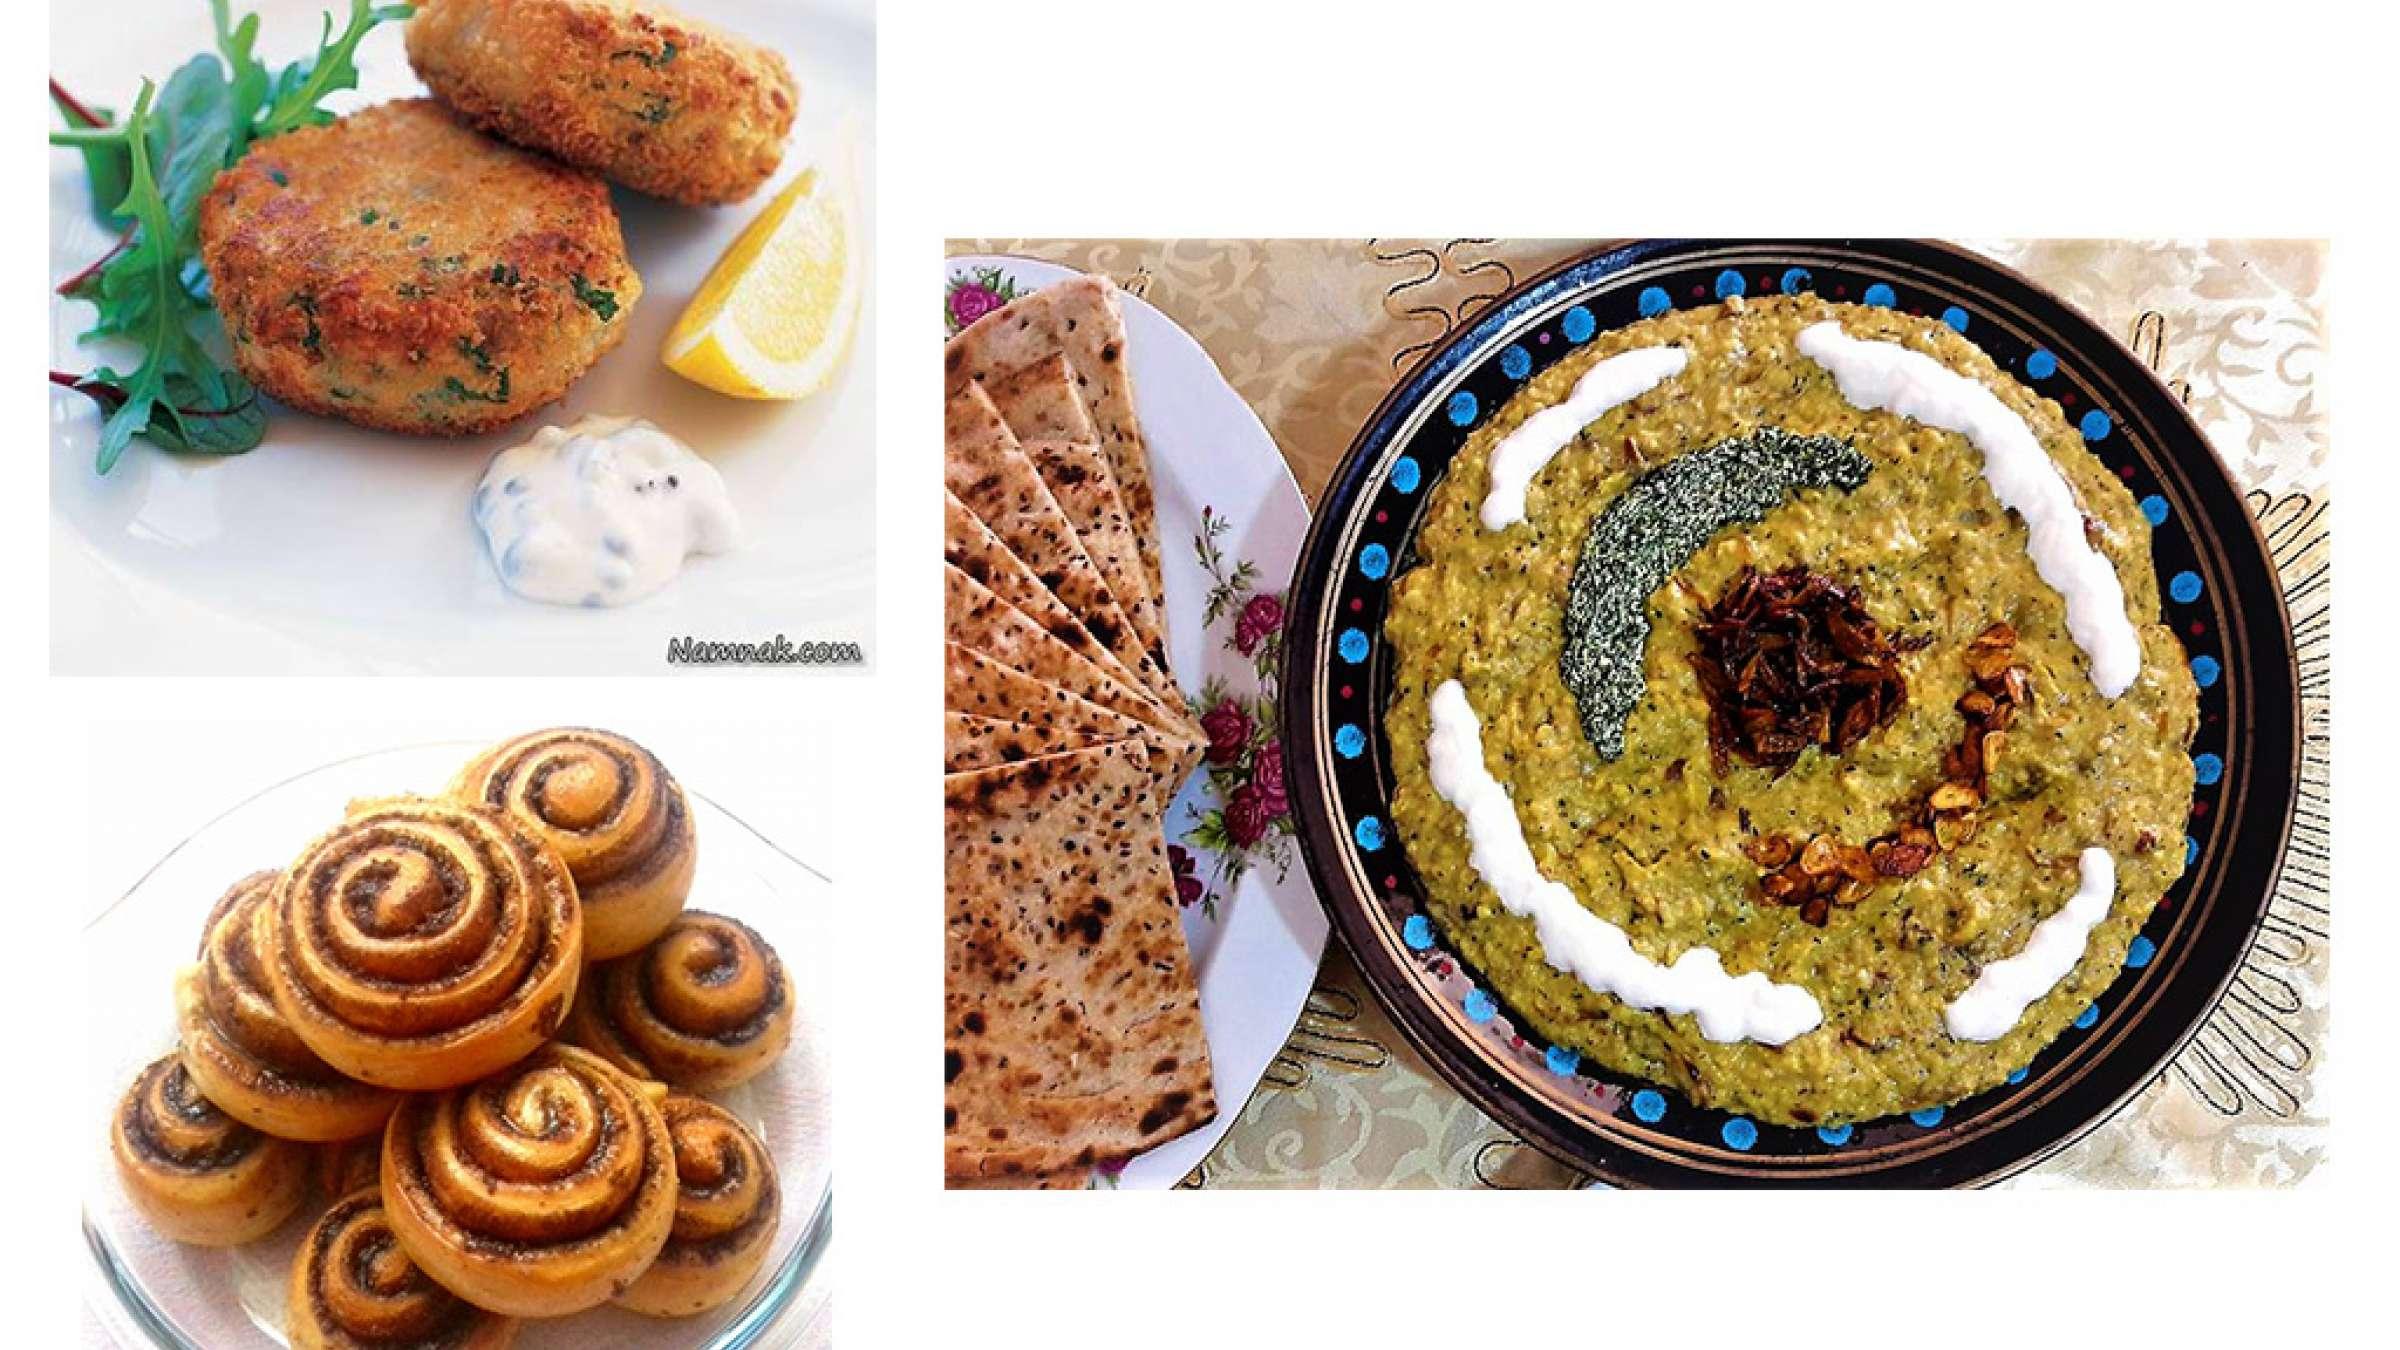 آشپزی-ترابی-کتلت-ماهی-سالاد-ذرت-رول-بافته-دارچینی-حلیم-فاصولیه-سوپ-قارچ